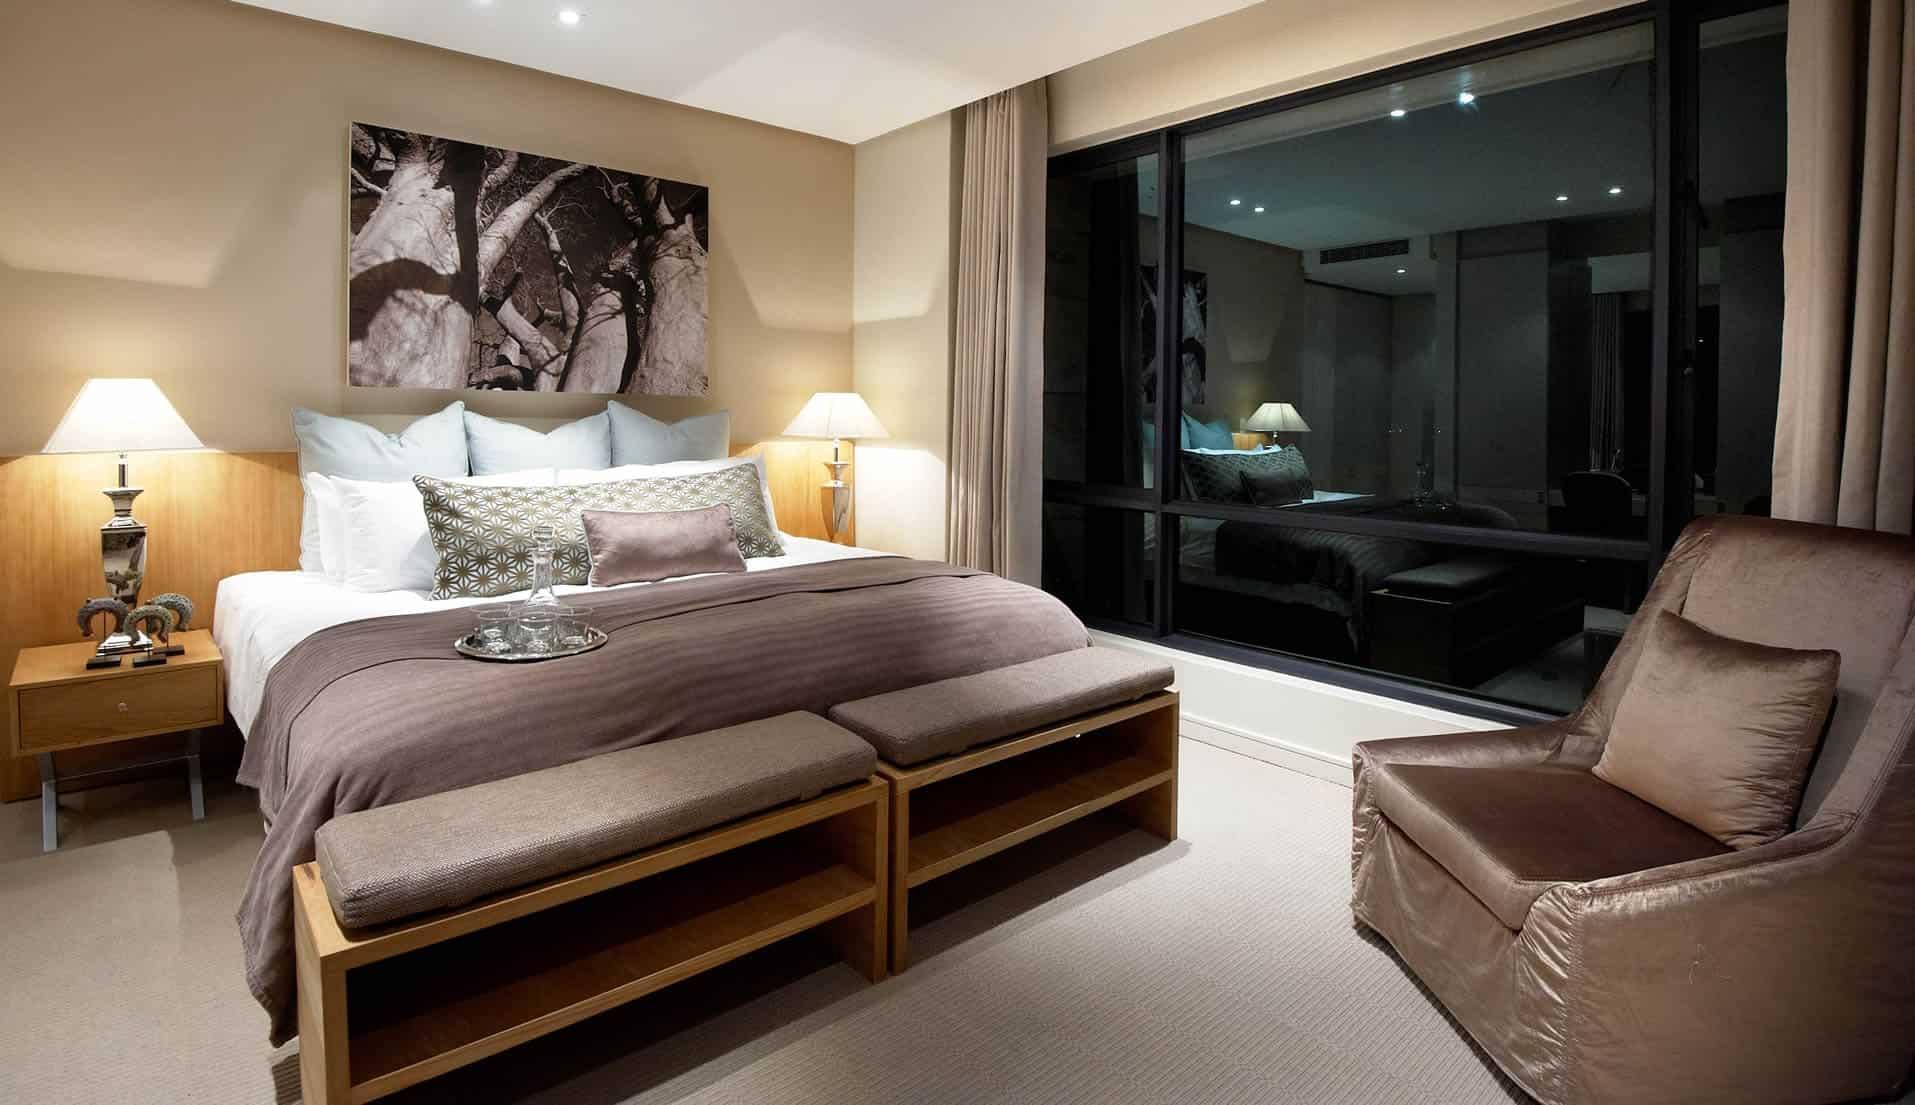 100 Bedroom Decorating Ideas Designs: Quarto Casal Luxo Ideias: +89 Fotos!